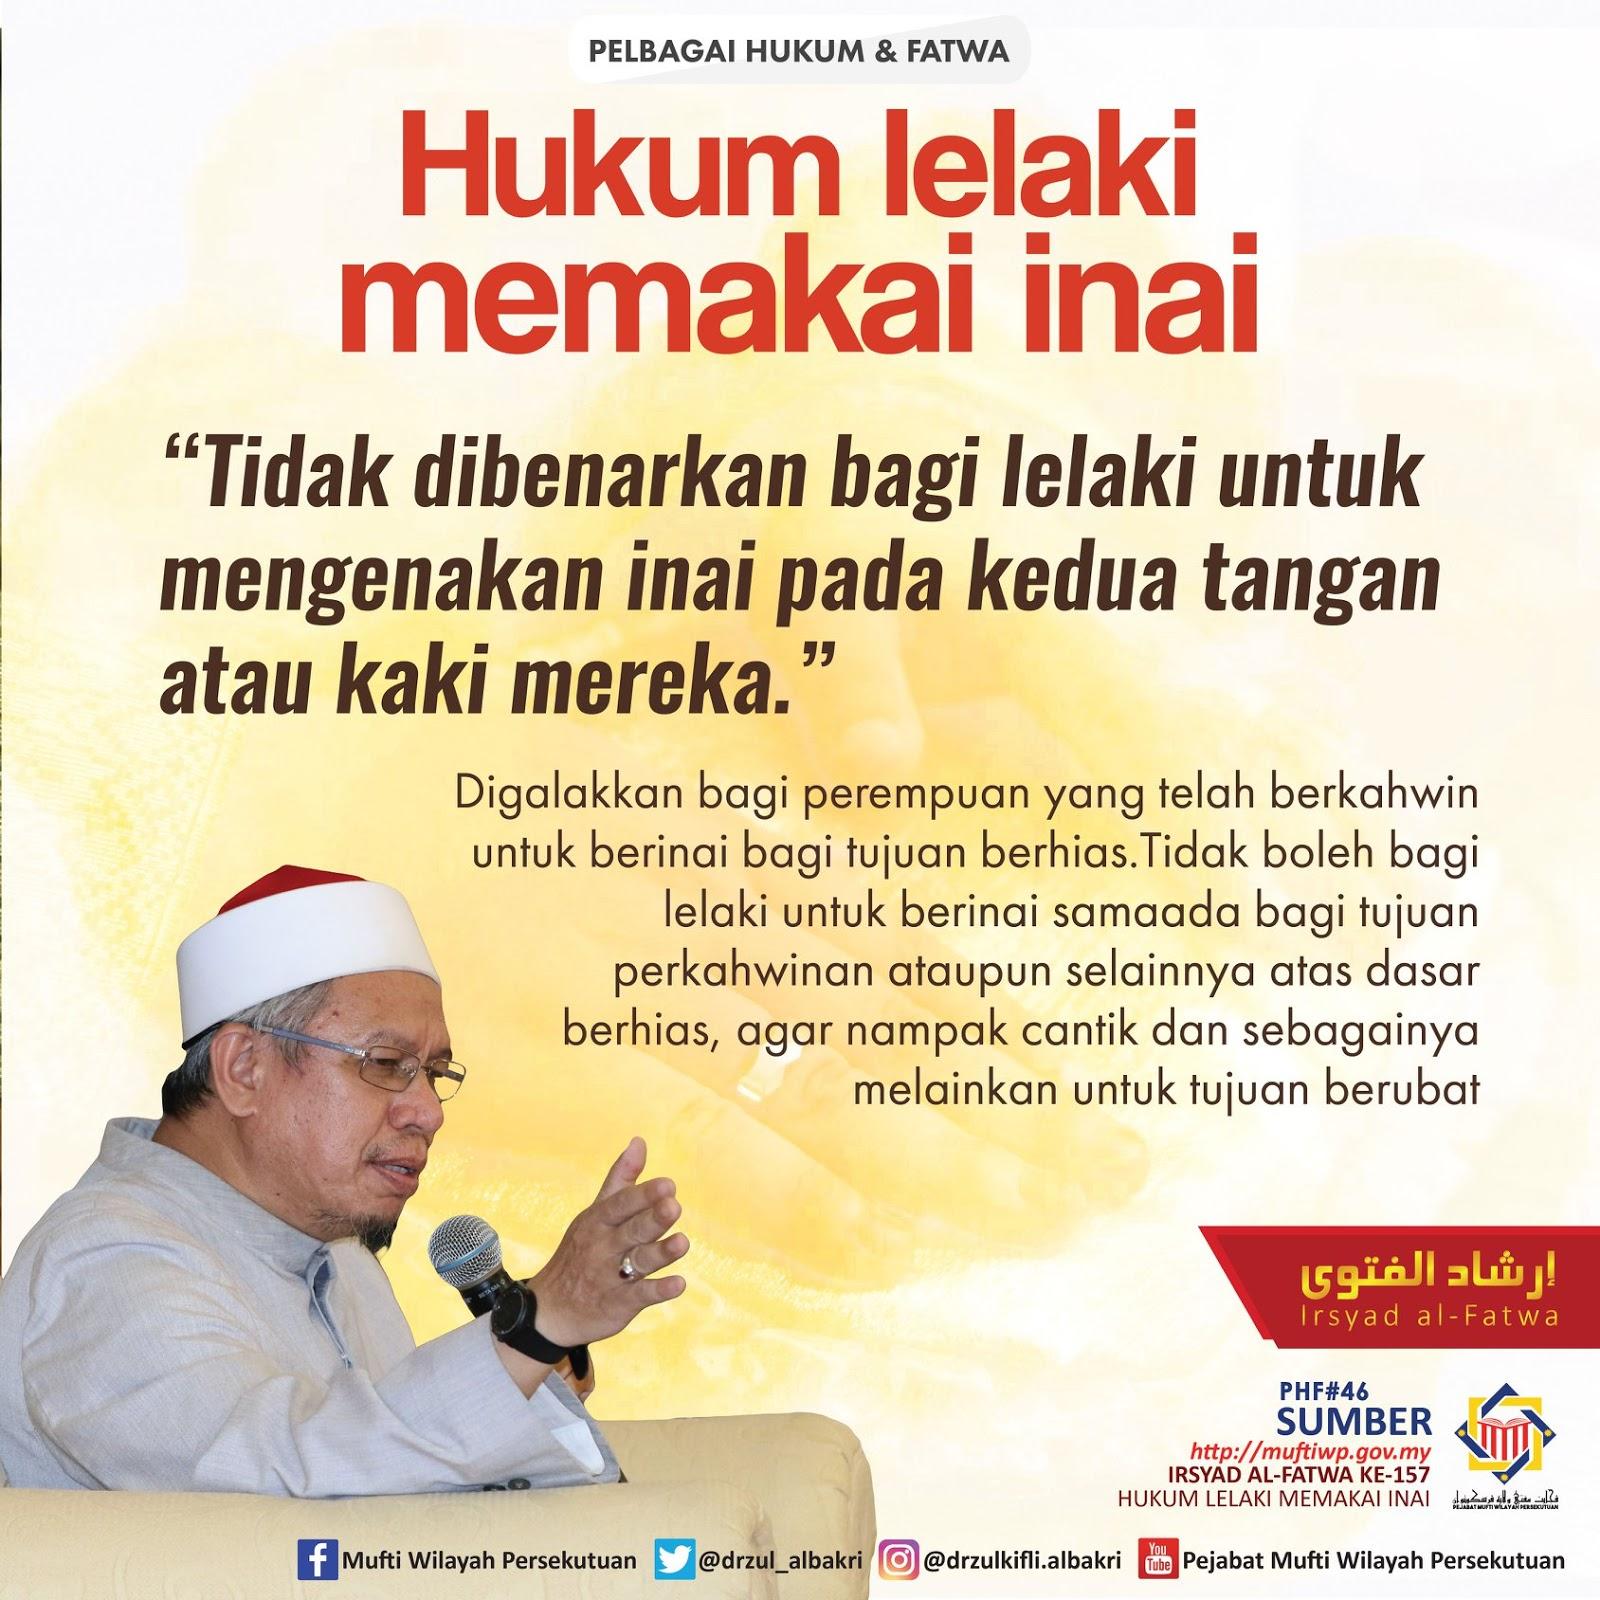 HUKUM LELAKI MEMAKAI INAI - Mufti Wilayah Persekutuan